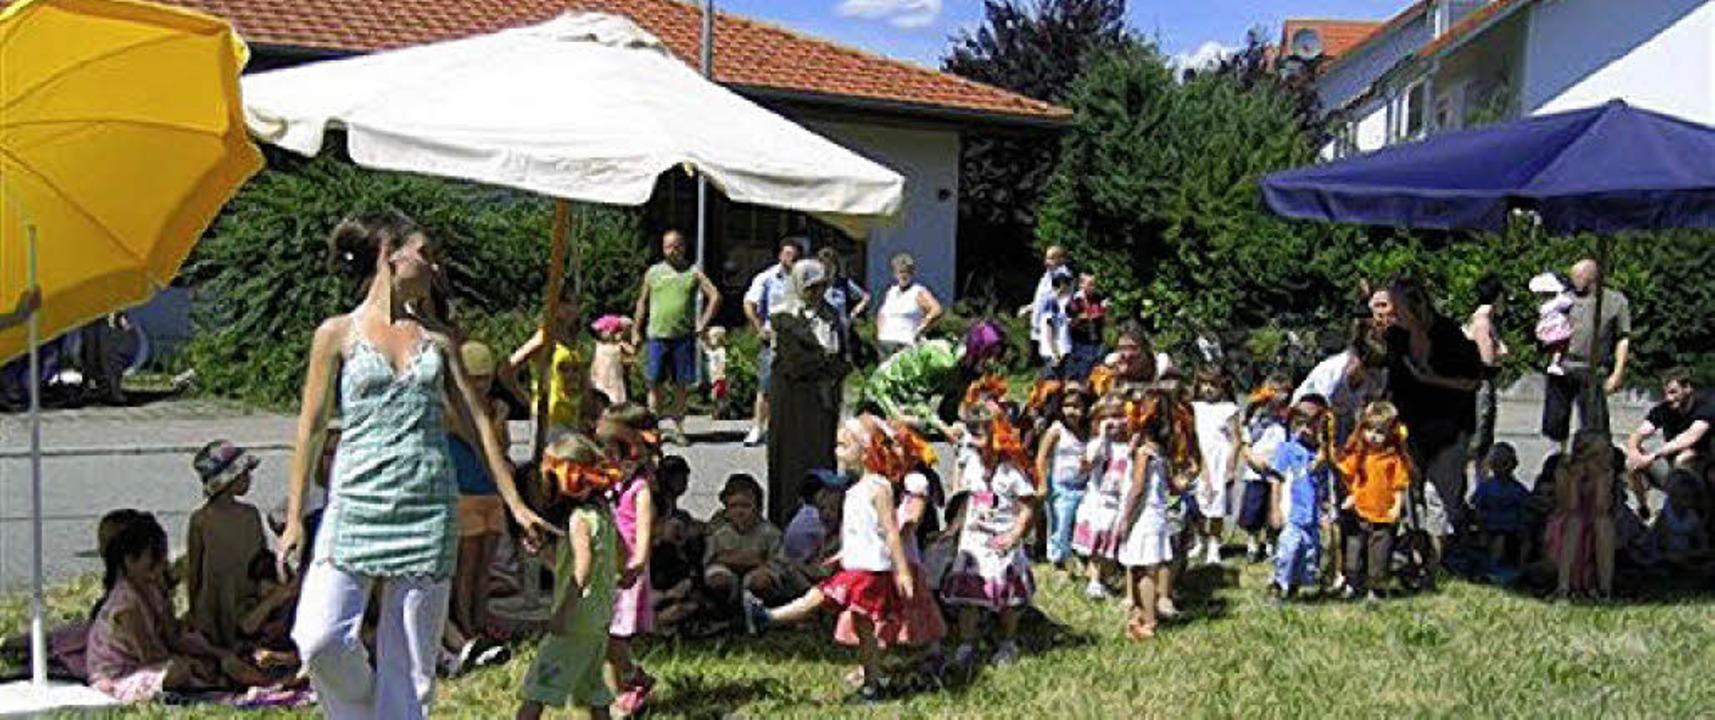 Beim Sommerfest weihte der Kindergarte...n neu gestaltetenen Außenbereich ein.     Foto: BZ